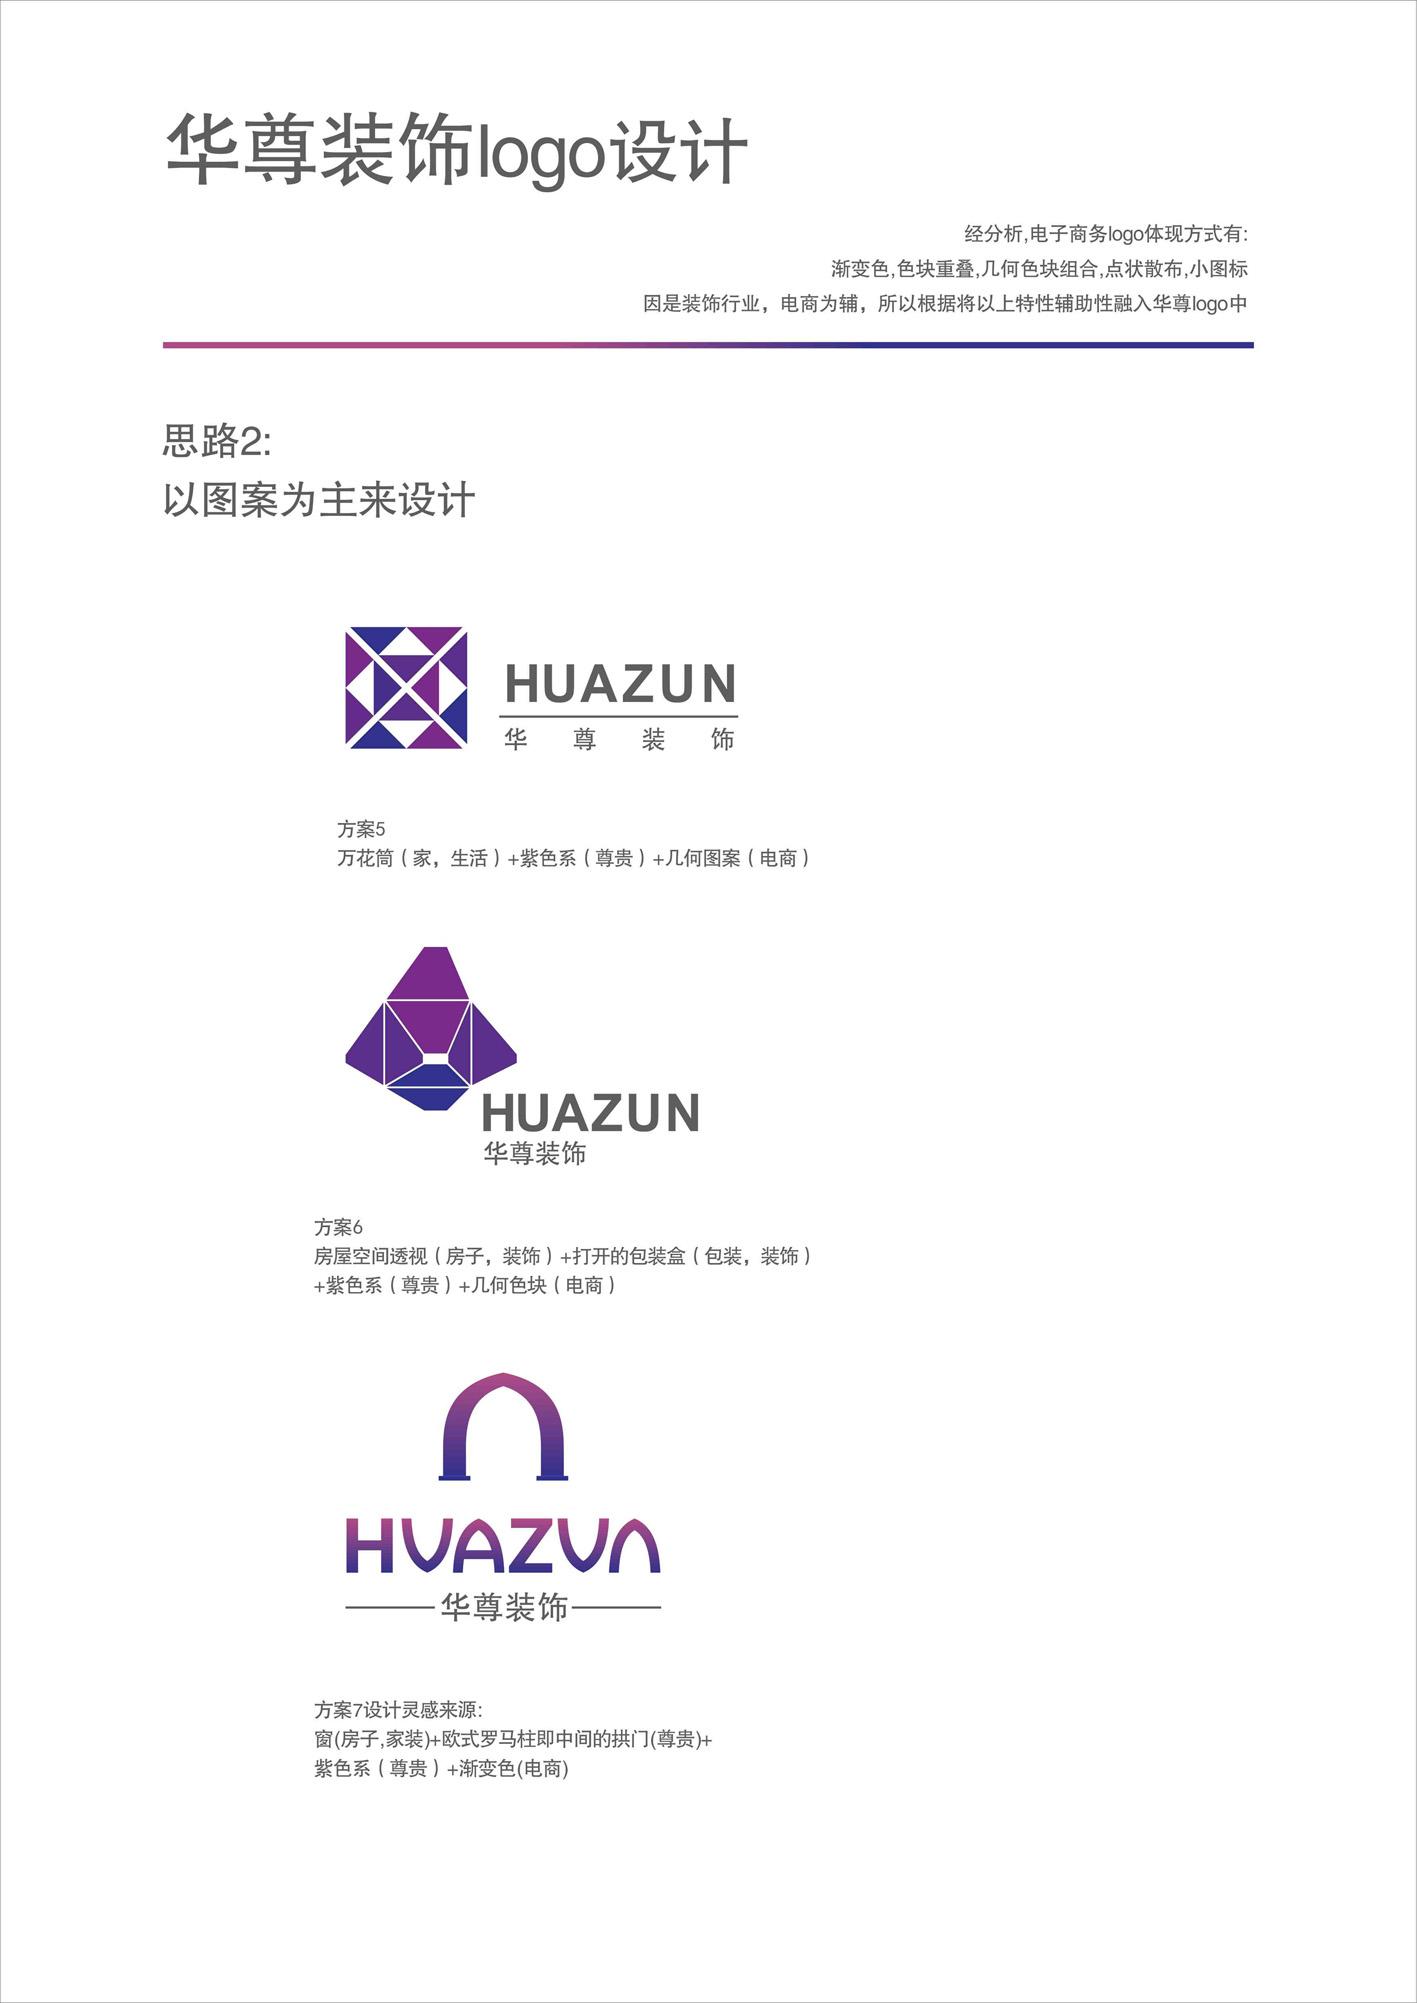 华尊装饰logo设计